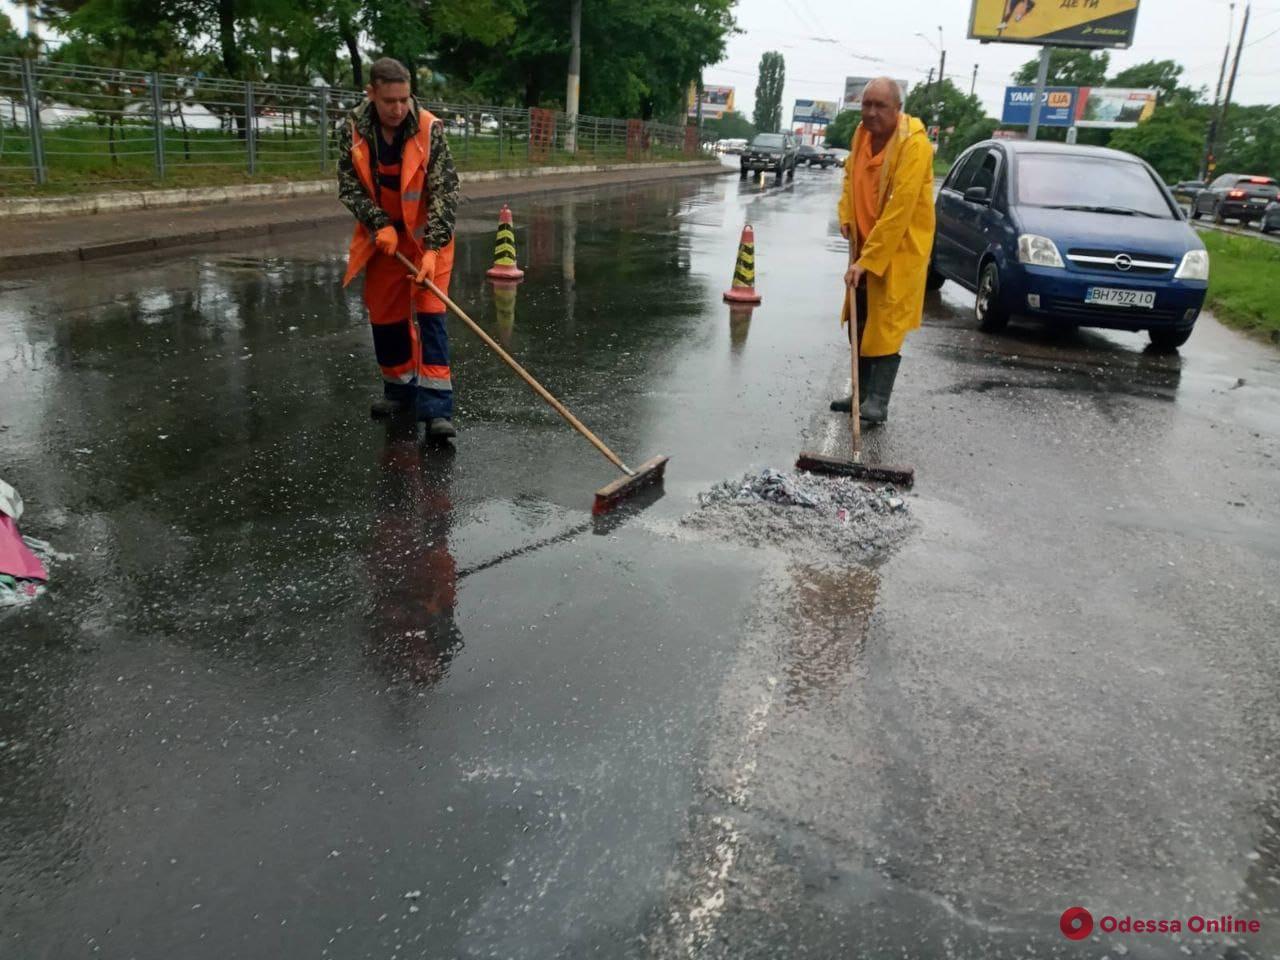 Плавающие машины: в Одессе затяжной дождь подтопил многие улицы (видео)